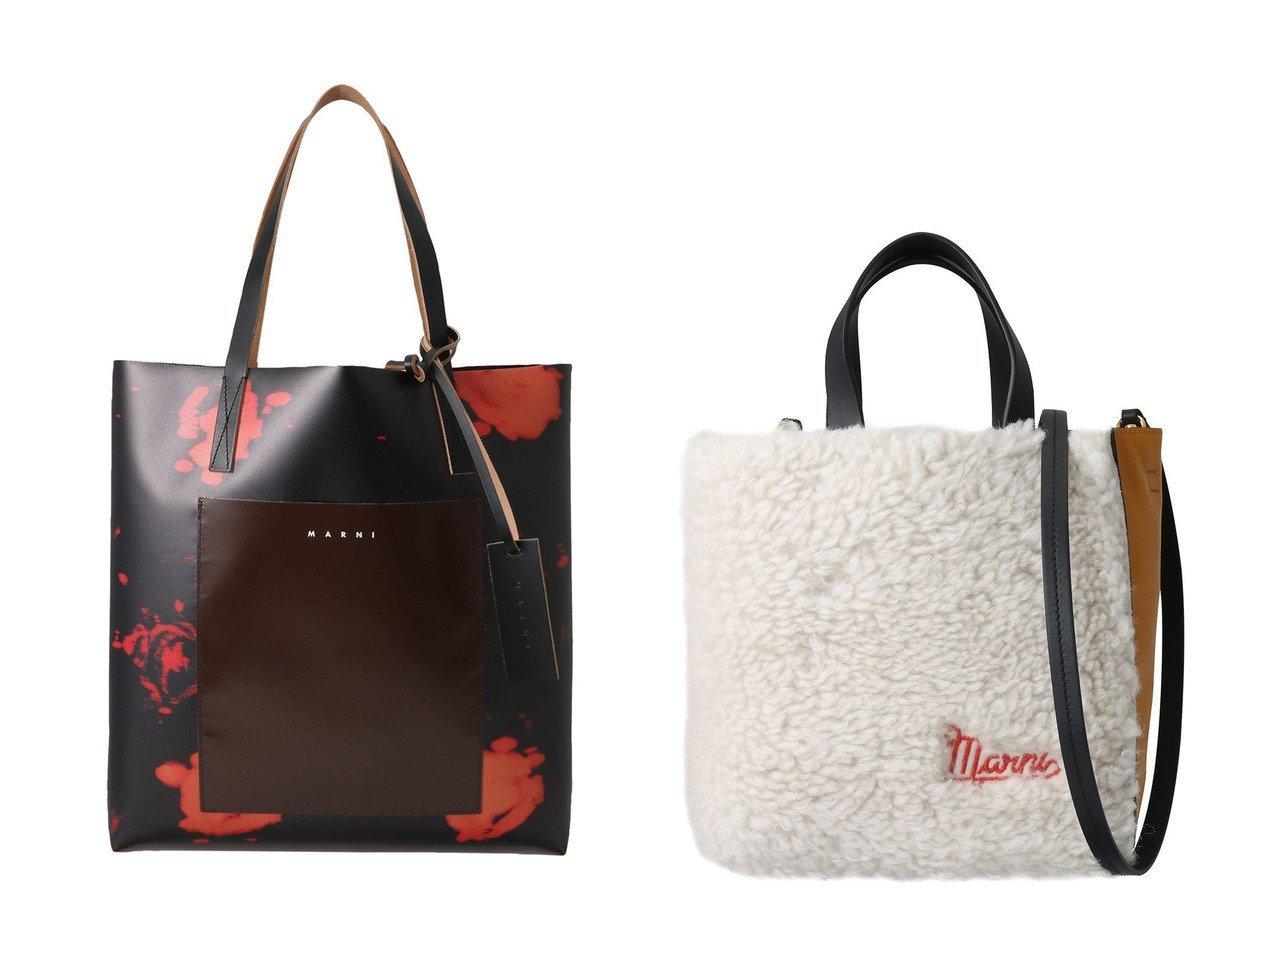 【MARNI/マルニ】のSHOPPING ポケット付きプリントトートバッグ&MUSEO SOFT MINI 2wayラムファートートバッグ 【バッグ・鞄】おすすめ!人気、トレンド・レディースファッションの通販 おすすめで人気の流行・トレンド、ファッションの通販商品 インテリア・家具・メンズファッション・キッズファッション・レディースファッション・服の通販 founy(ファニー) https://founy.com/ ファッション Fashion レディースファッション WOMEN バッグ Bag コンビ フォルム ラグジュアリー スクエア チャーム プリント ポケット 無地  ID:crp329100000071415